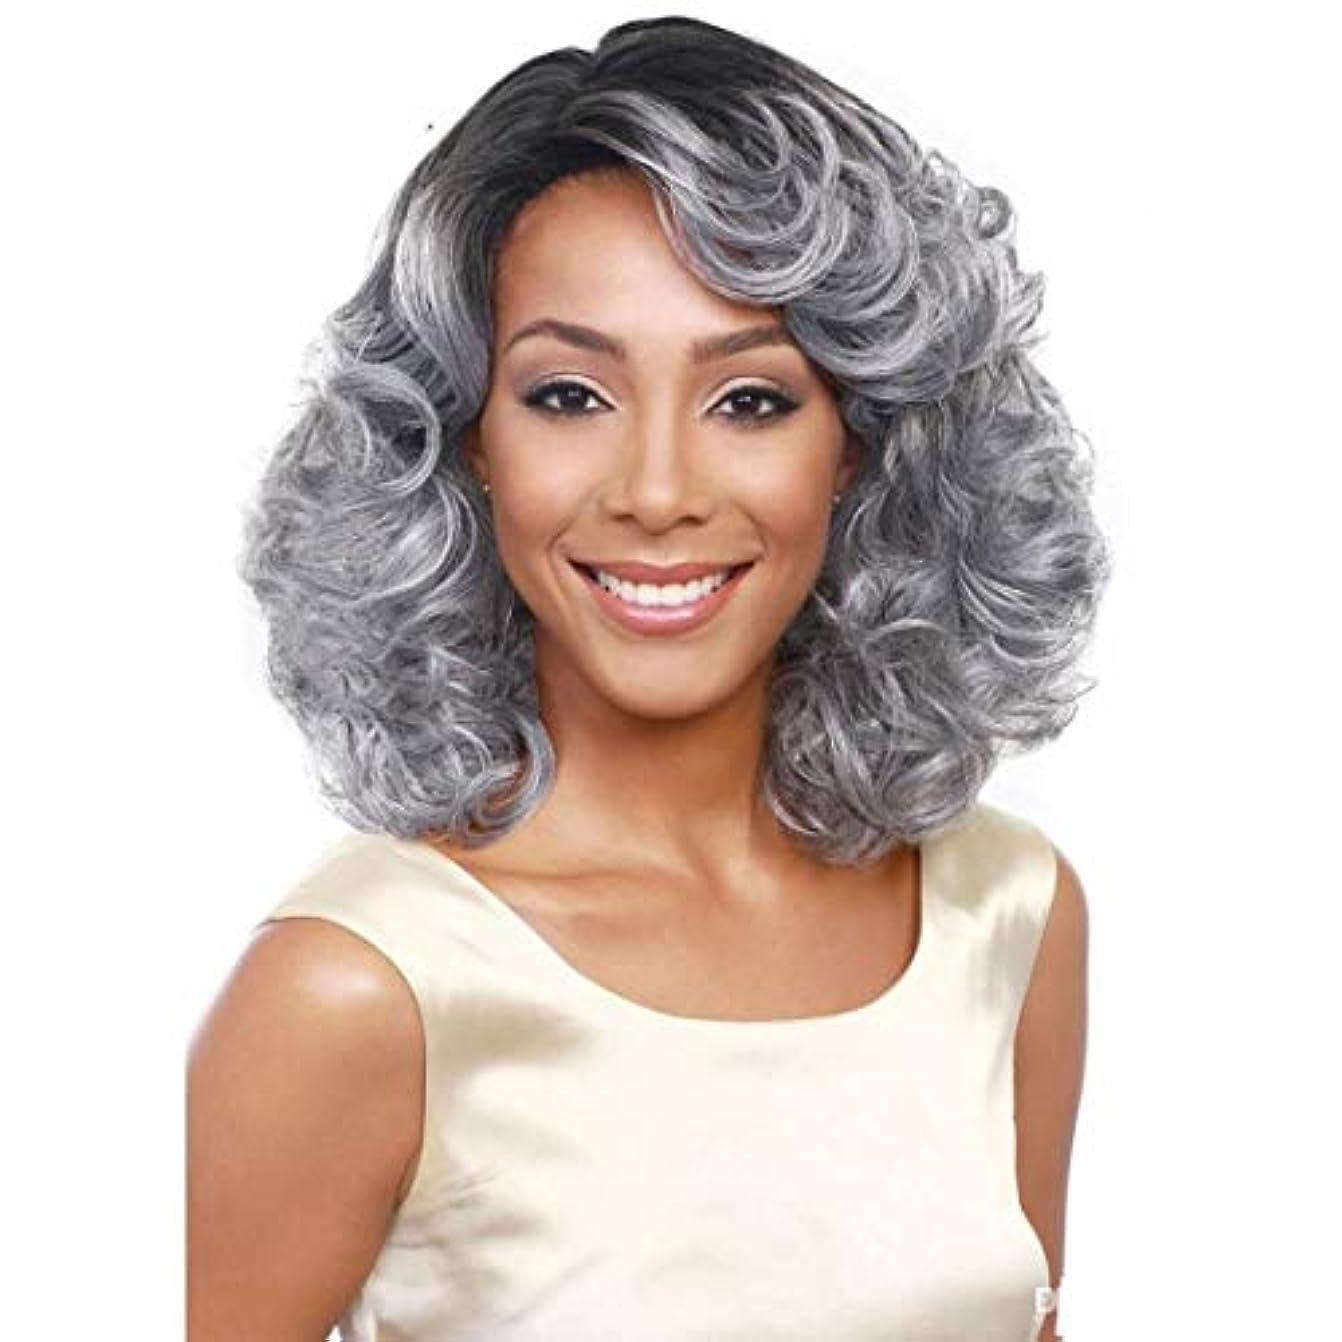 すべて楽なレーニン主義Summerys ソフト&スムーズ女性のためのグレーの短い巻き毛の化学繊維高温ワイヤーをかつら